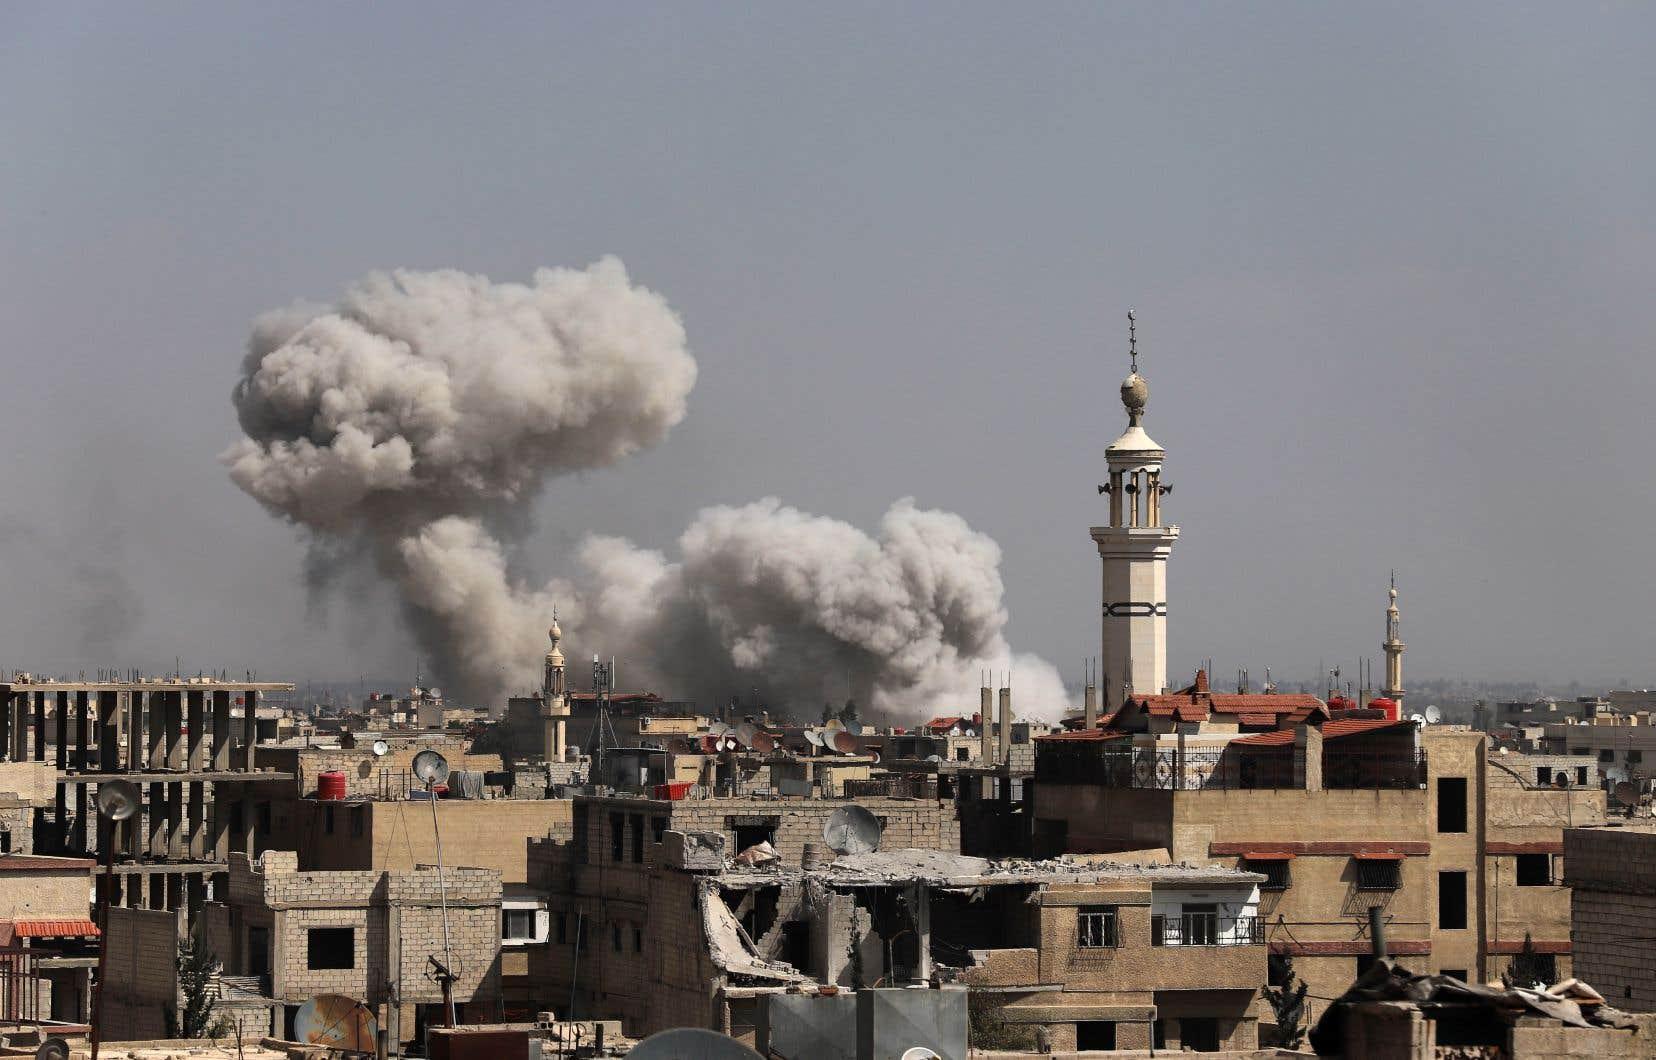 De la fumée s'échappe de plusieurs édifices dans la ville rebelle de Kafr Batna, en Ghouta orientale, à la suite des bombardements du gouvernement syrien dimanche.